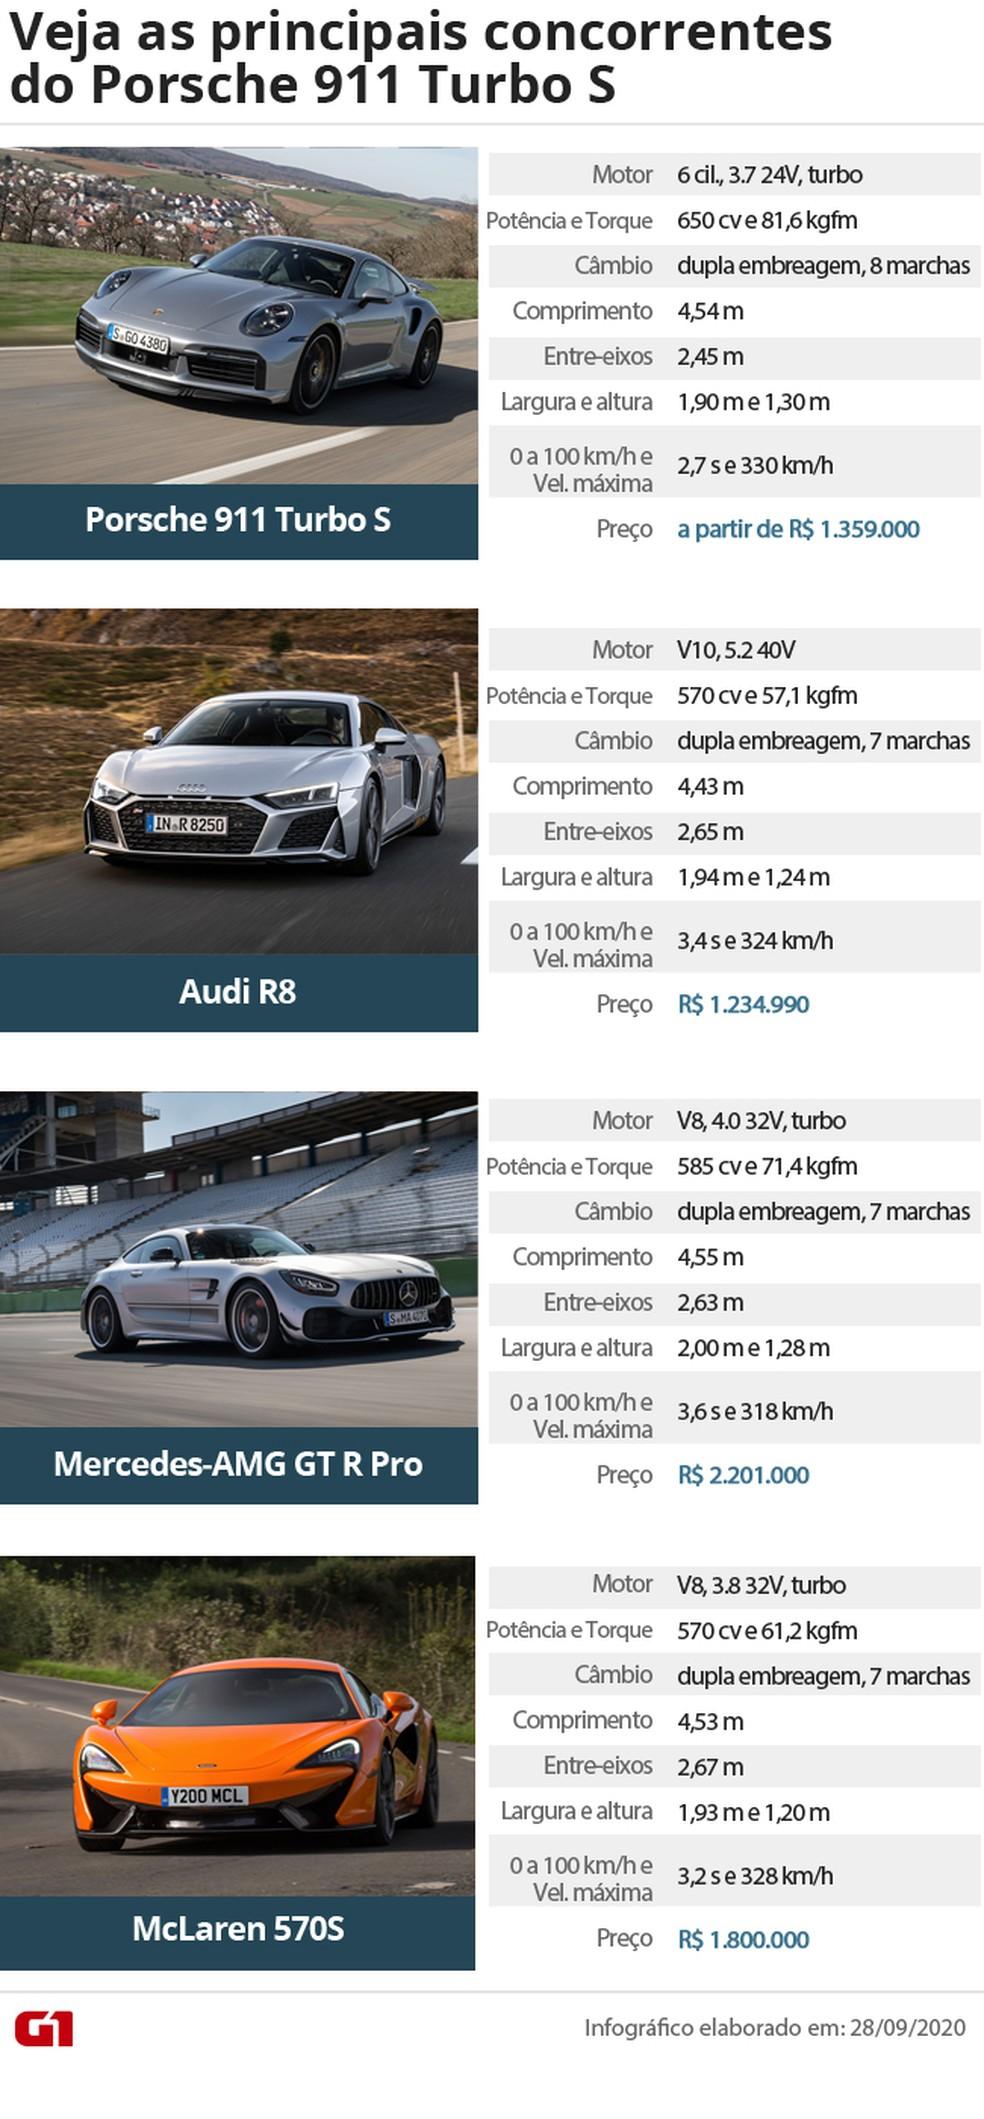 Tabela de concorrentes do Porsche 911 Turbo S — Foto: Divulgação